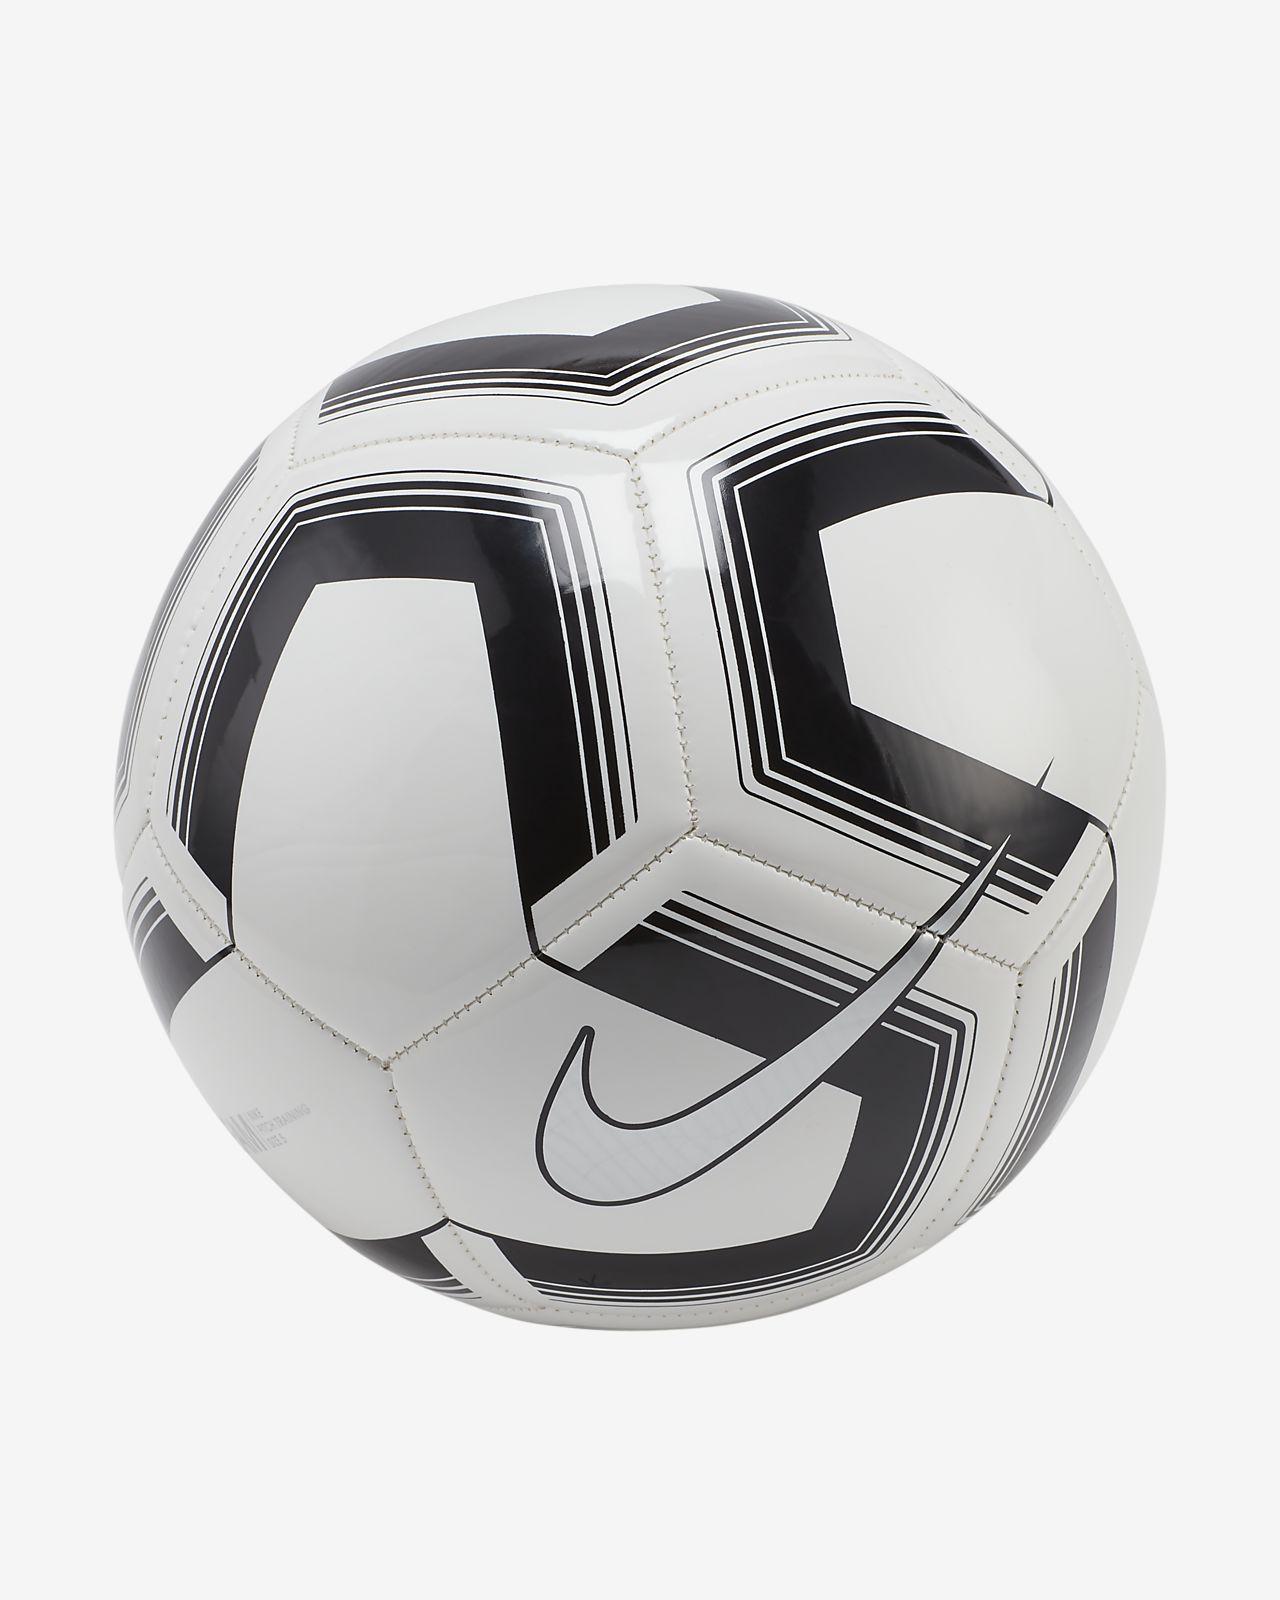 Bola de futebol Nike Pitch Training